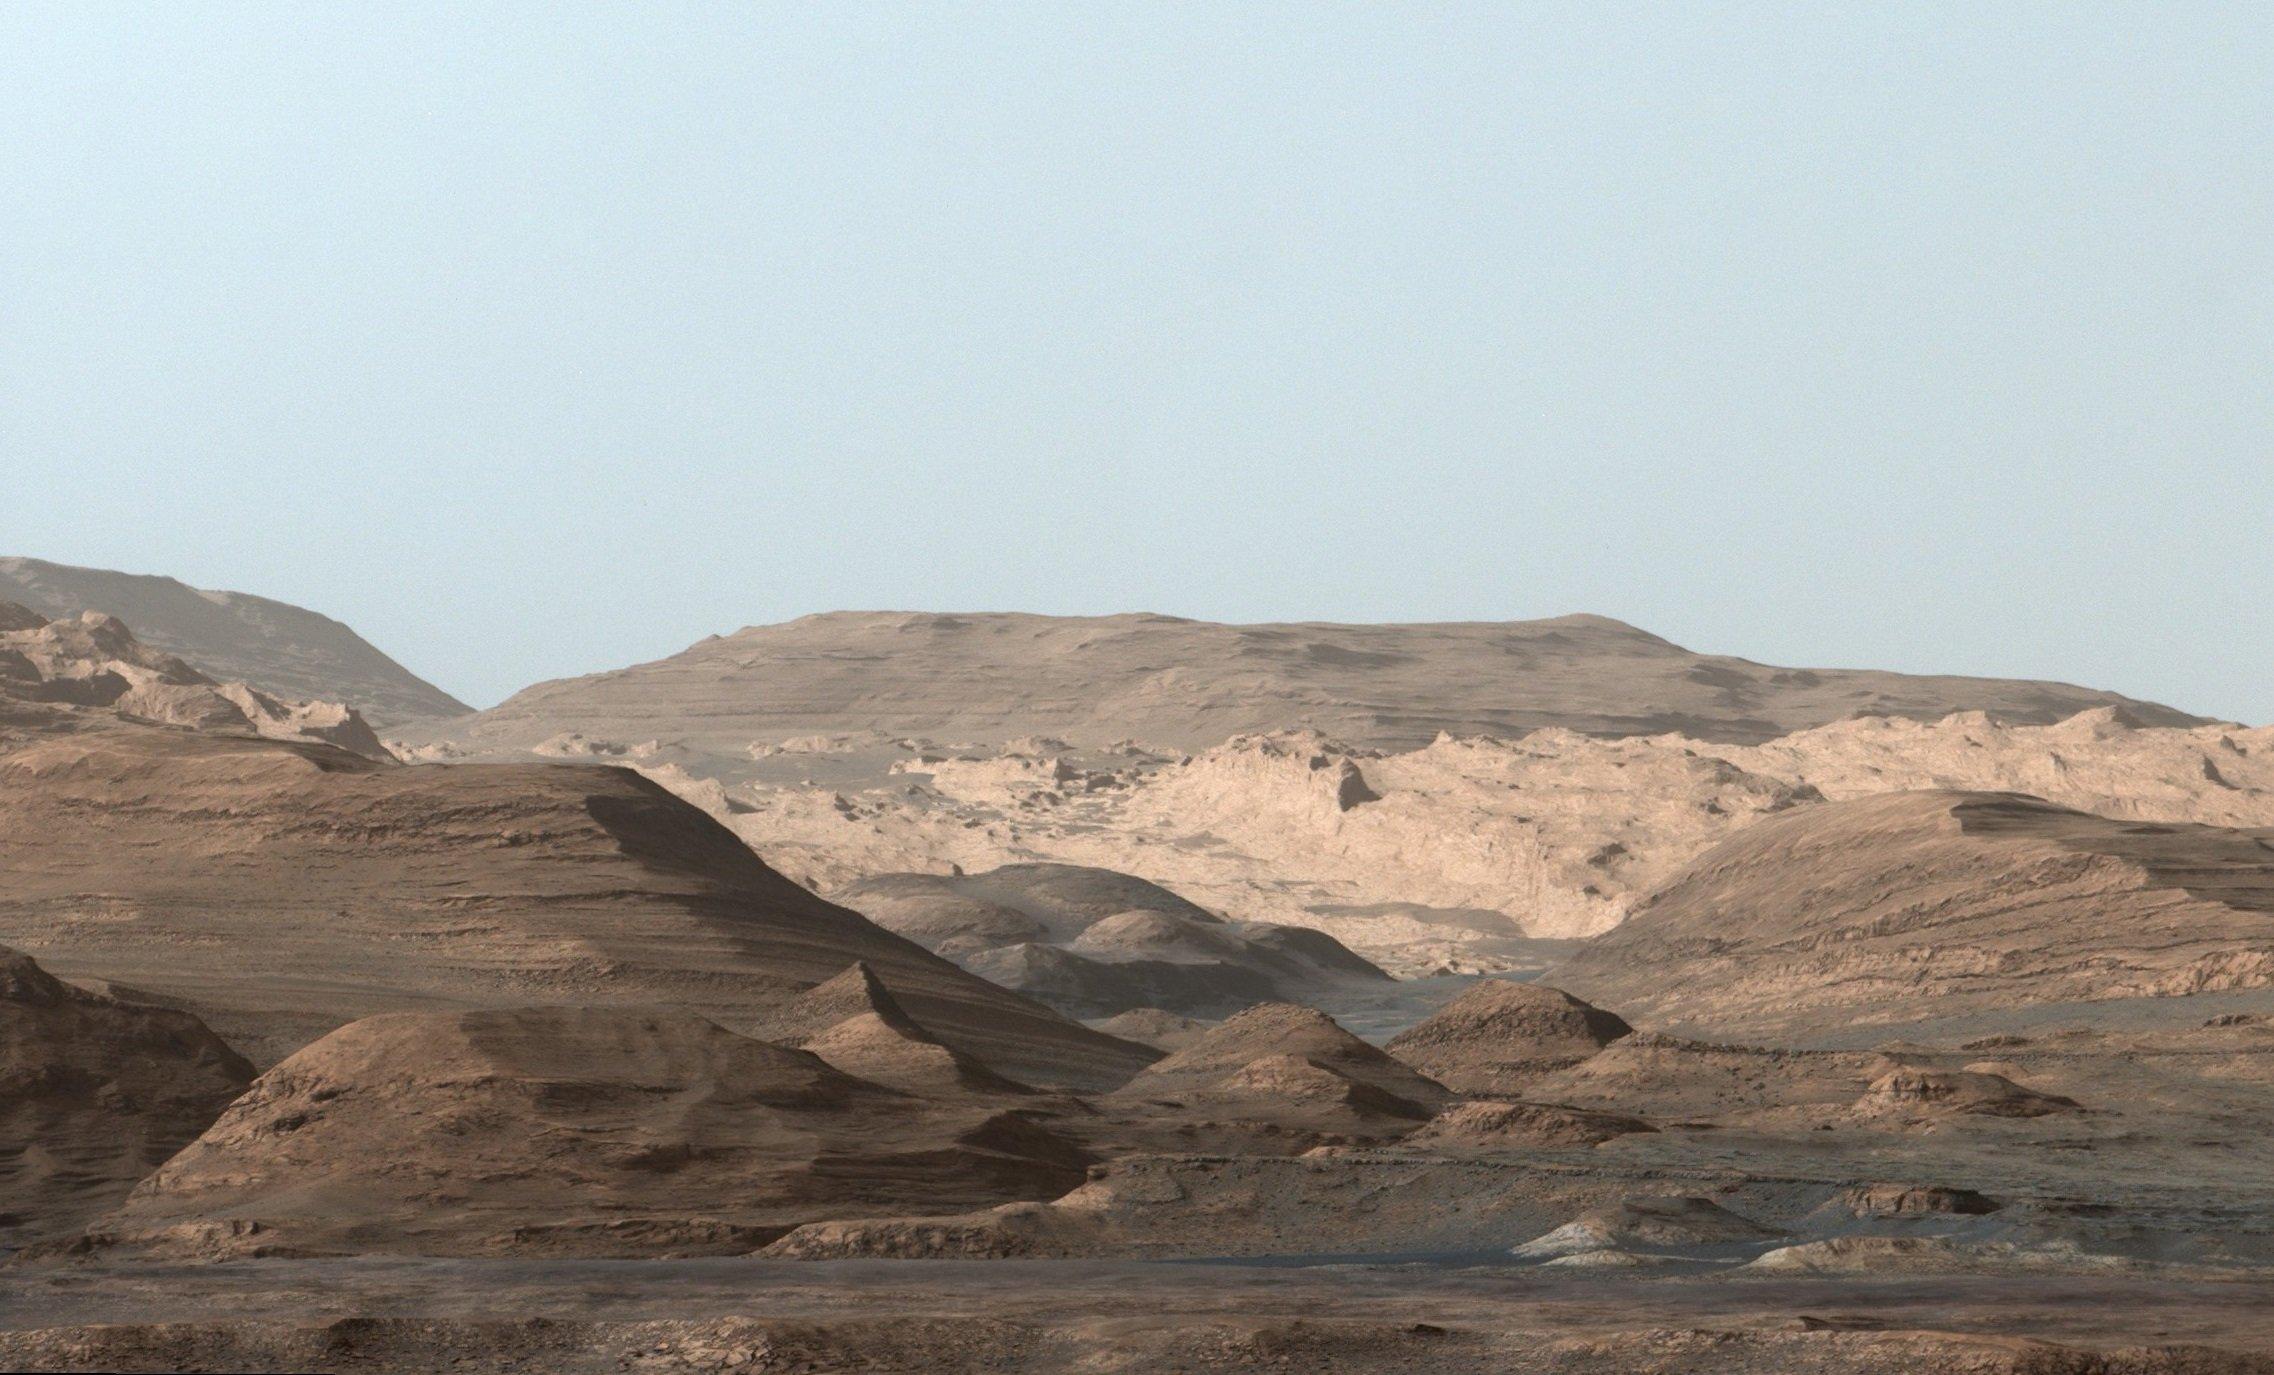 محیط مریخ از نگاه مریخنورد کنجکاوری